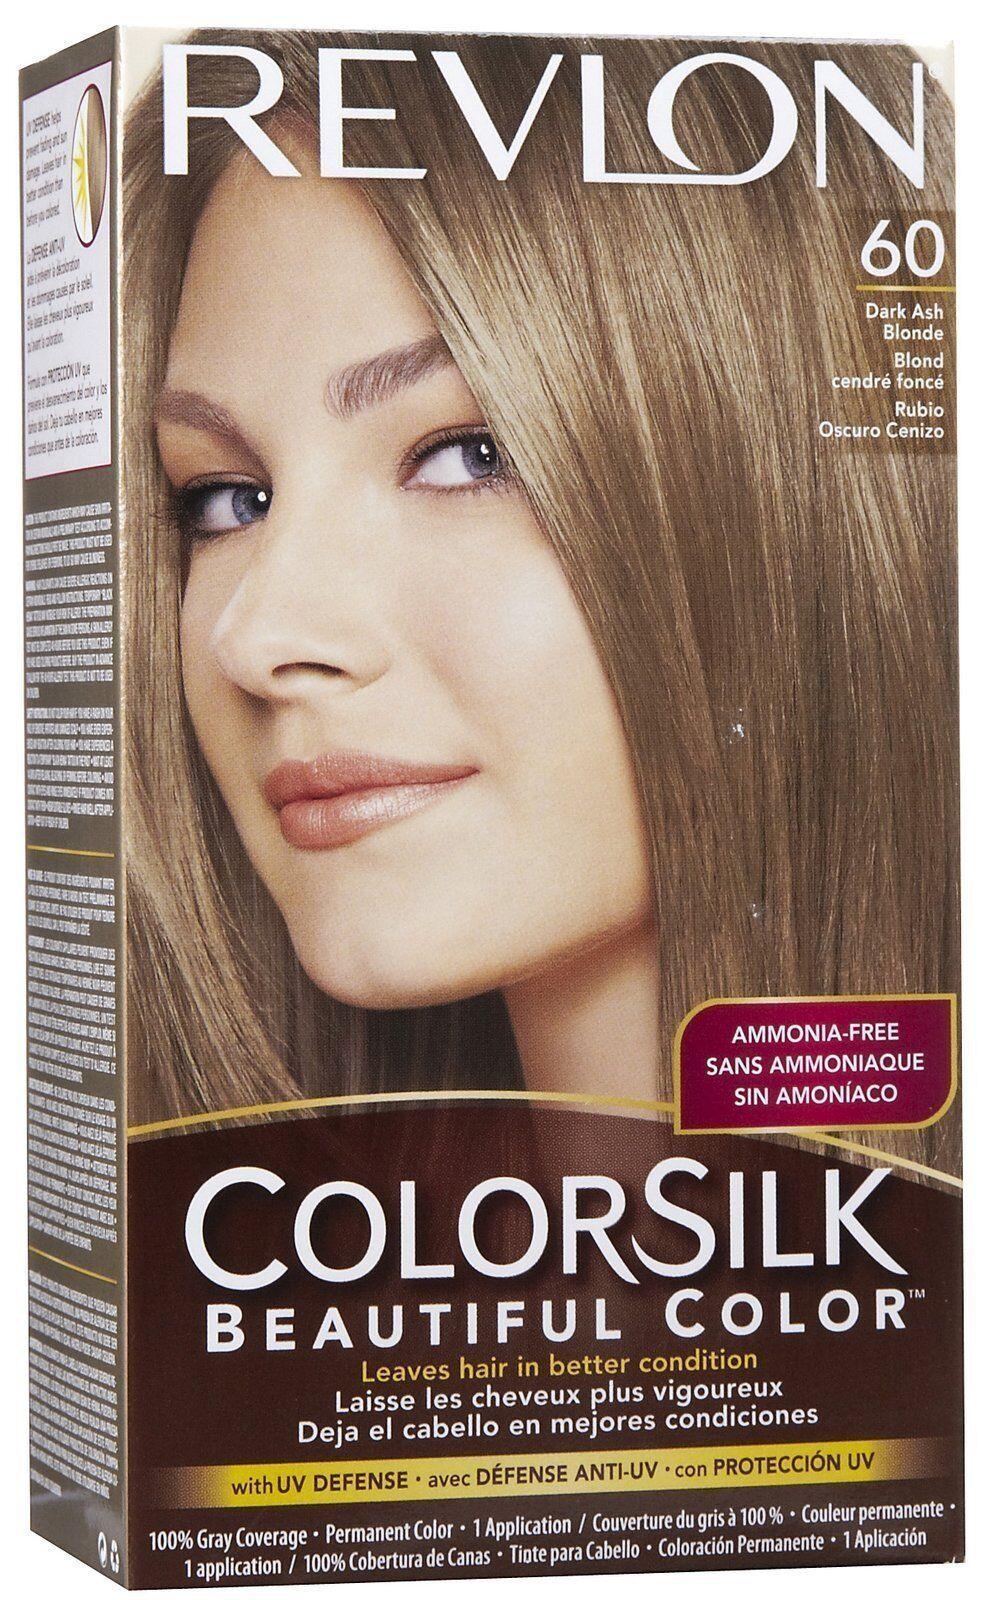 Details about Revlon Colorsilk Hair Color, Dark Ash Blonde #60 -1 Kit